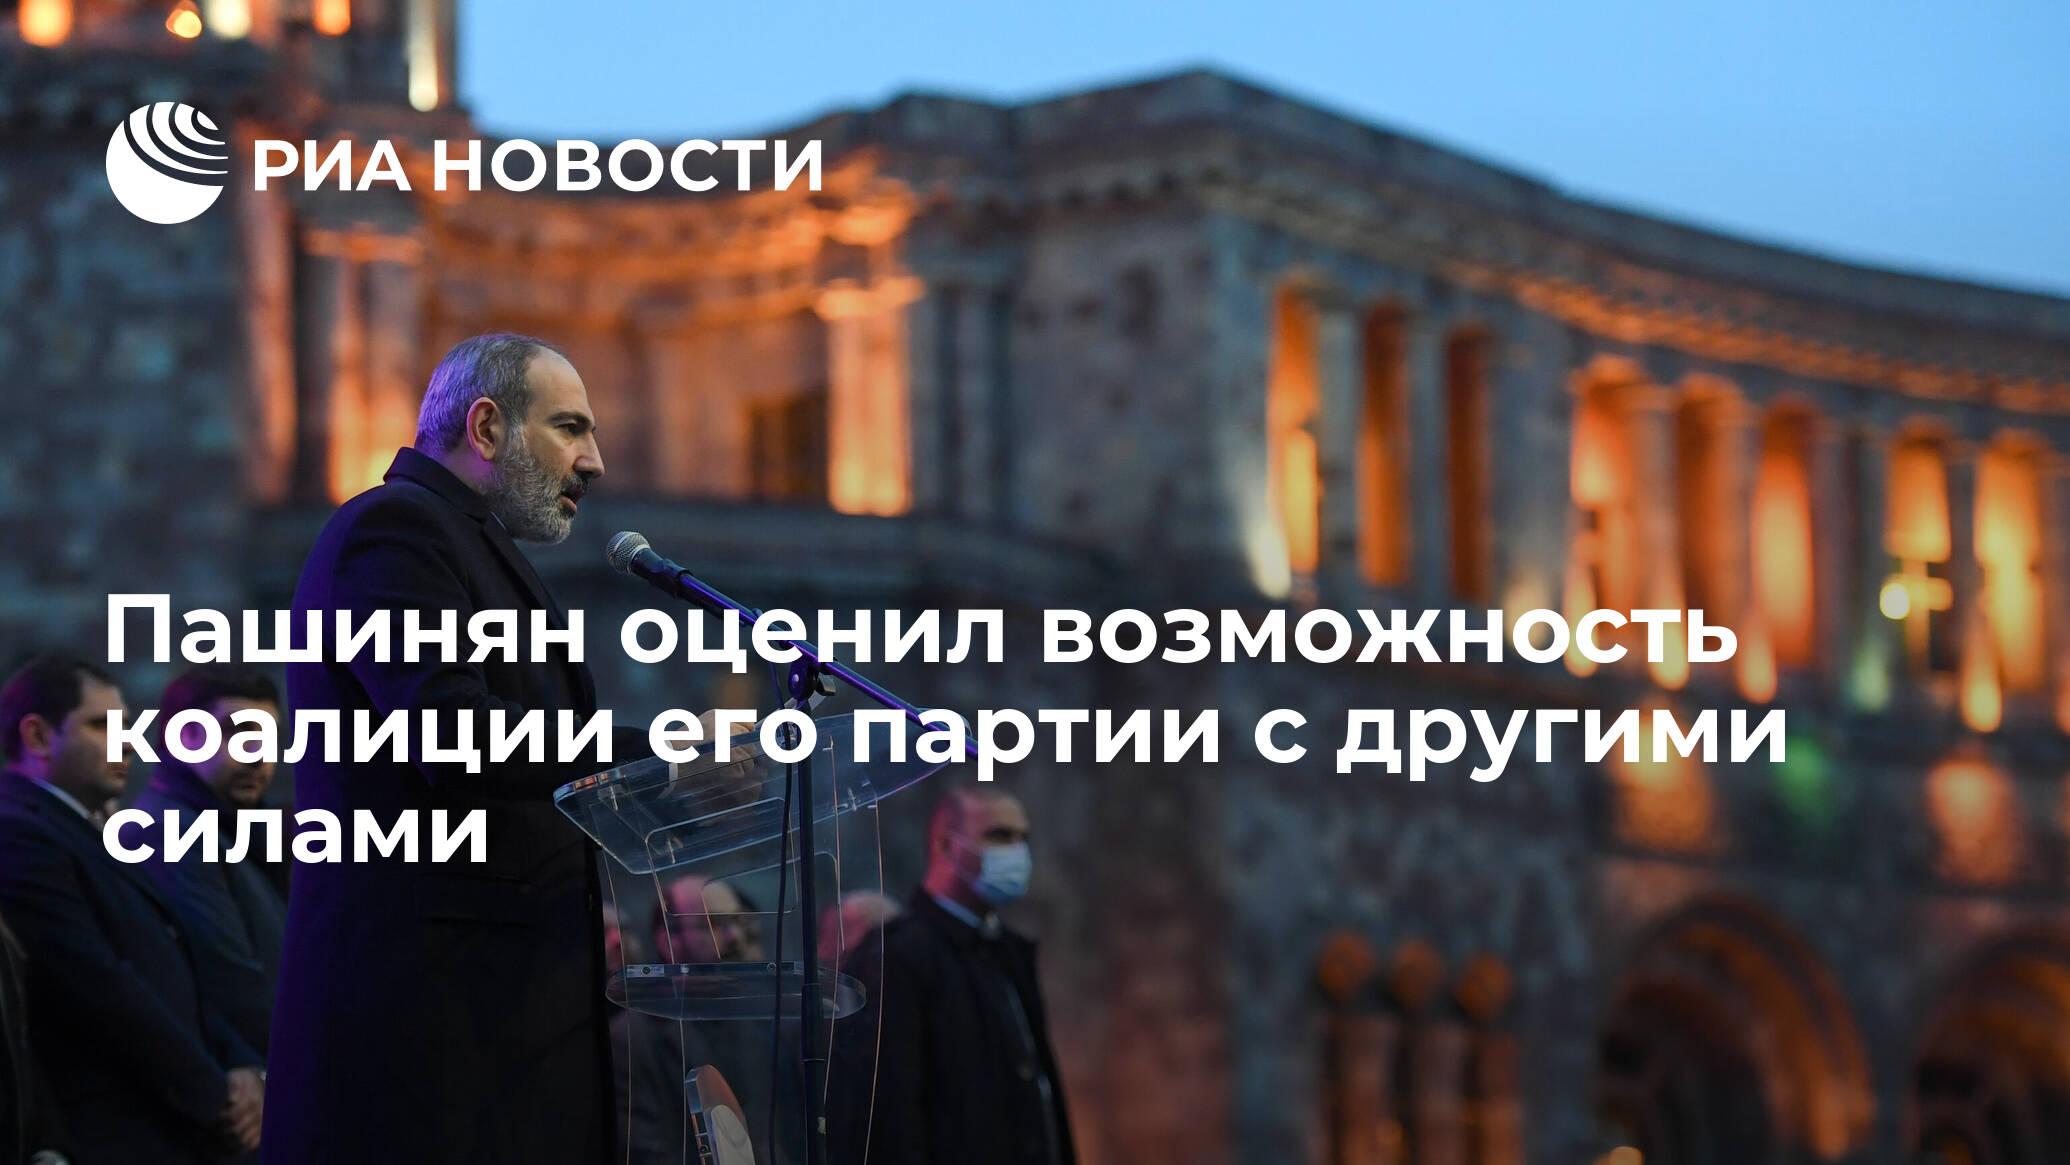 Пашинян оценил возможность коалиции его партии с другими силами